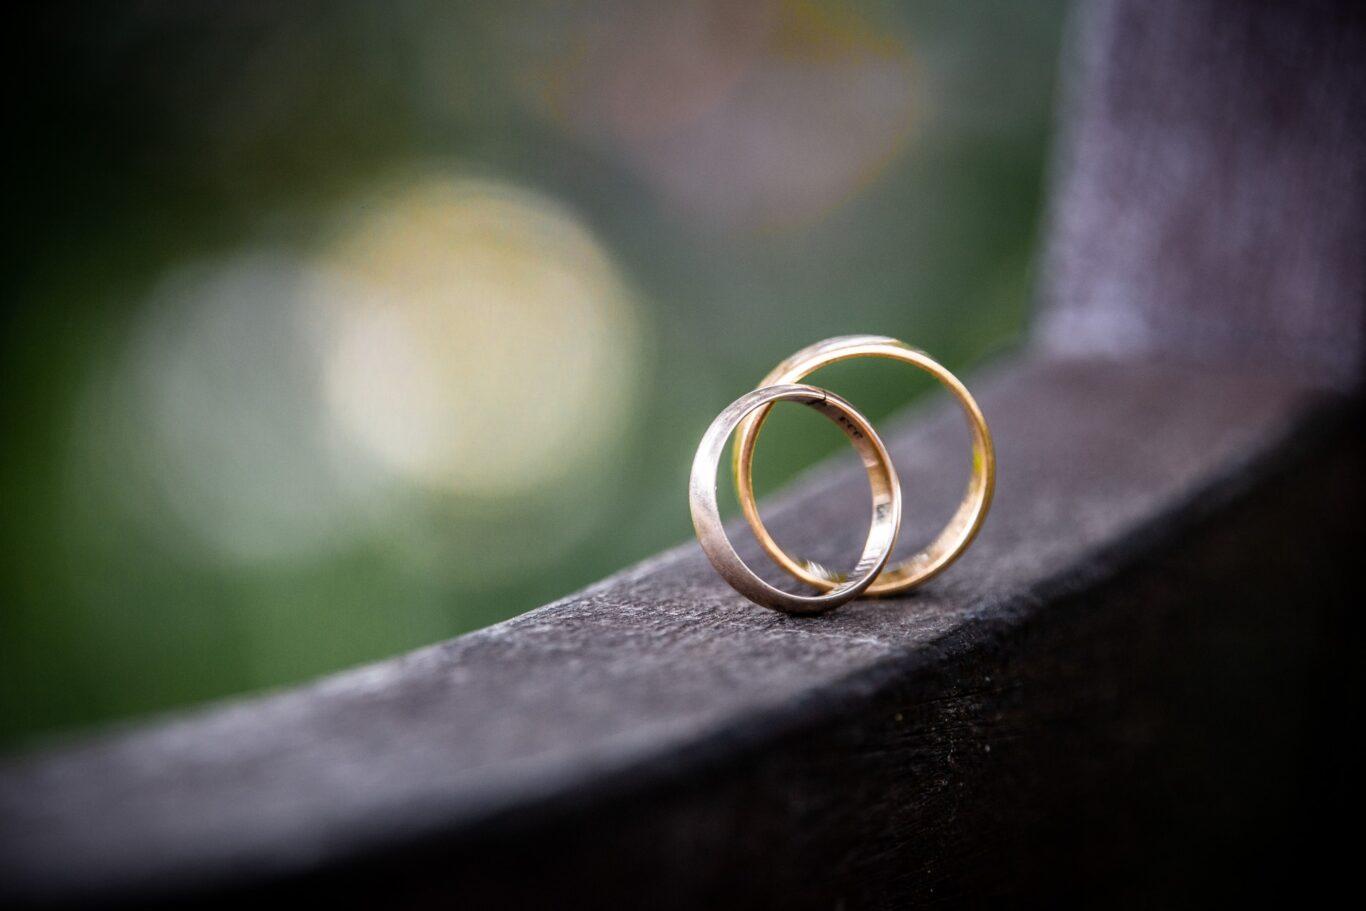 λεπτά ζητήματα στο γάμο σας